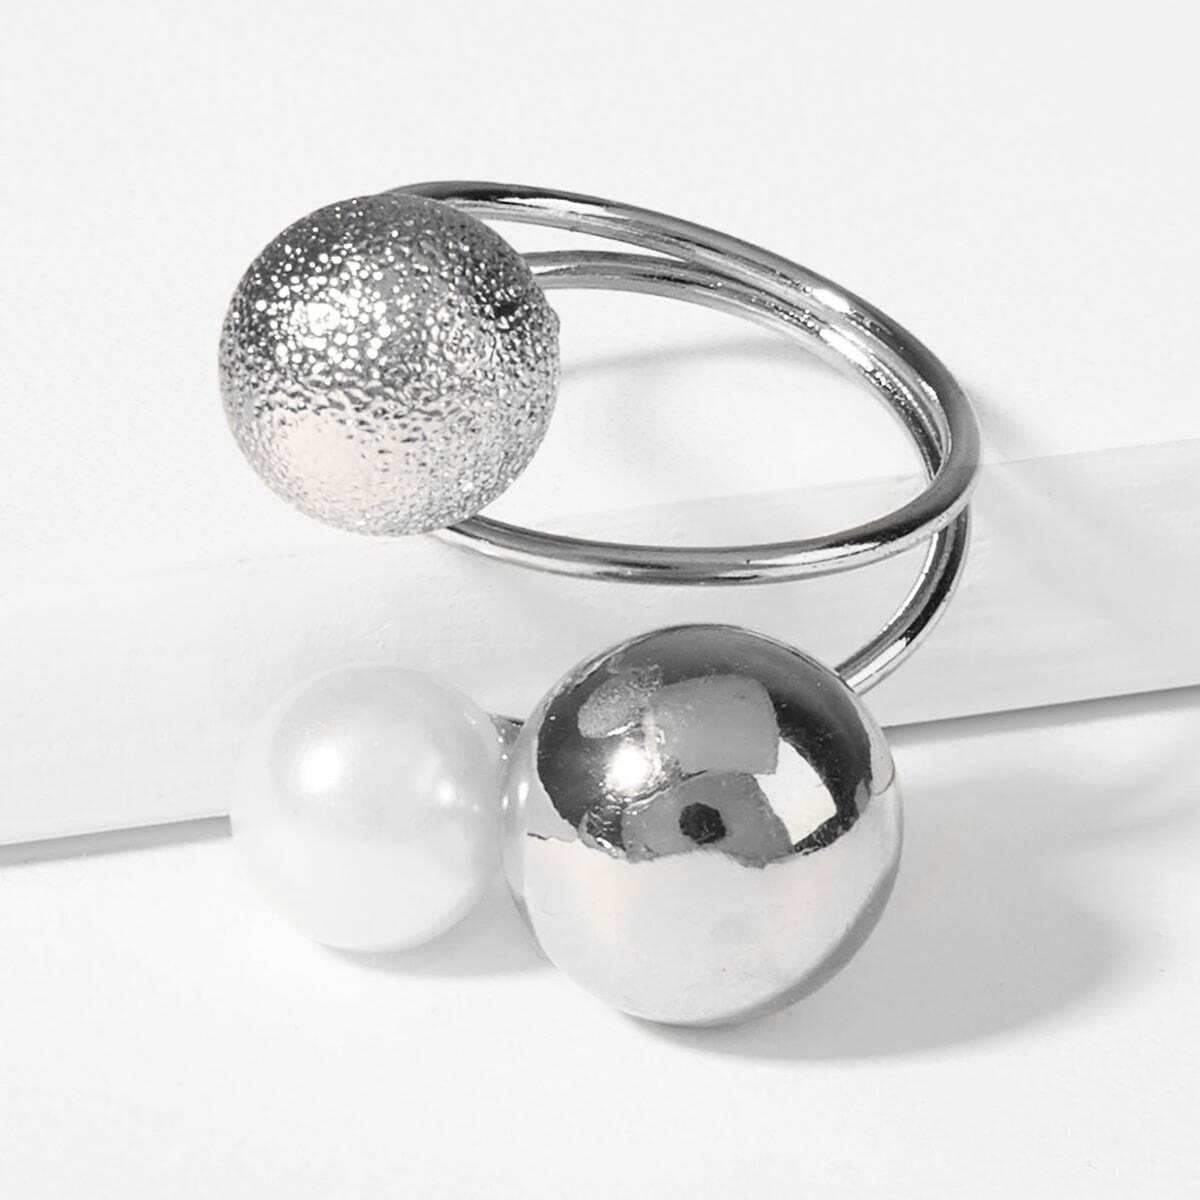 Спиральное многослойное кольцо с украшением мяча от SHEIN